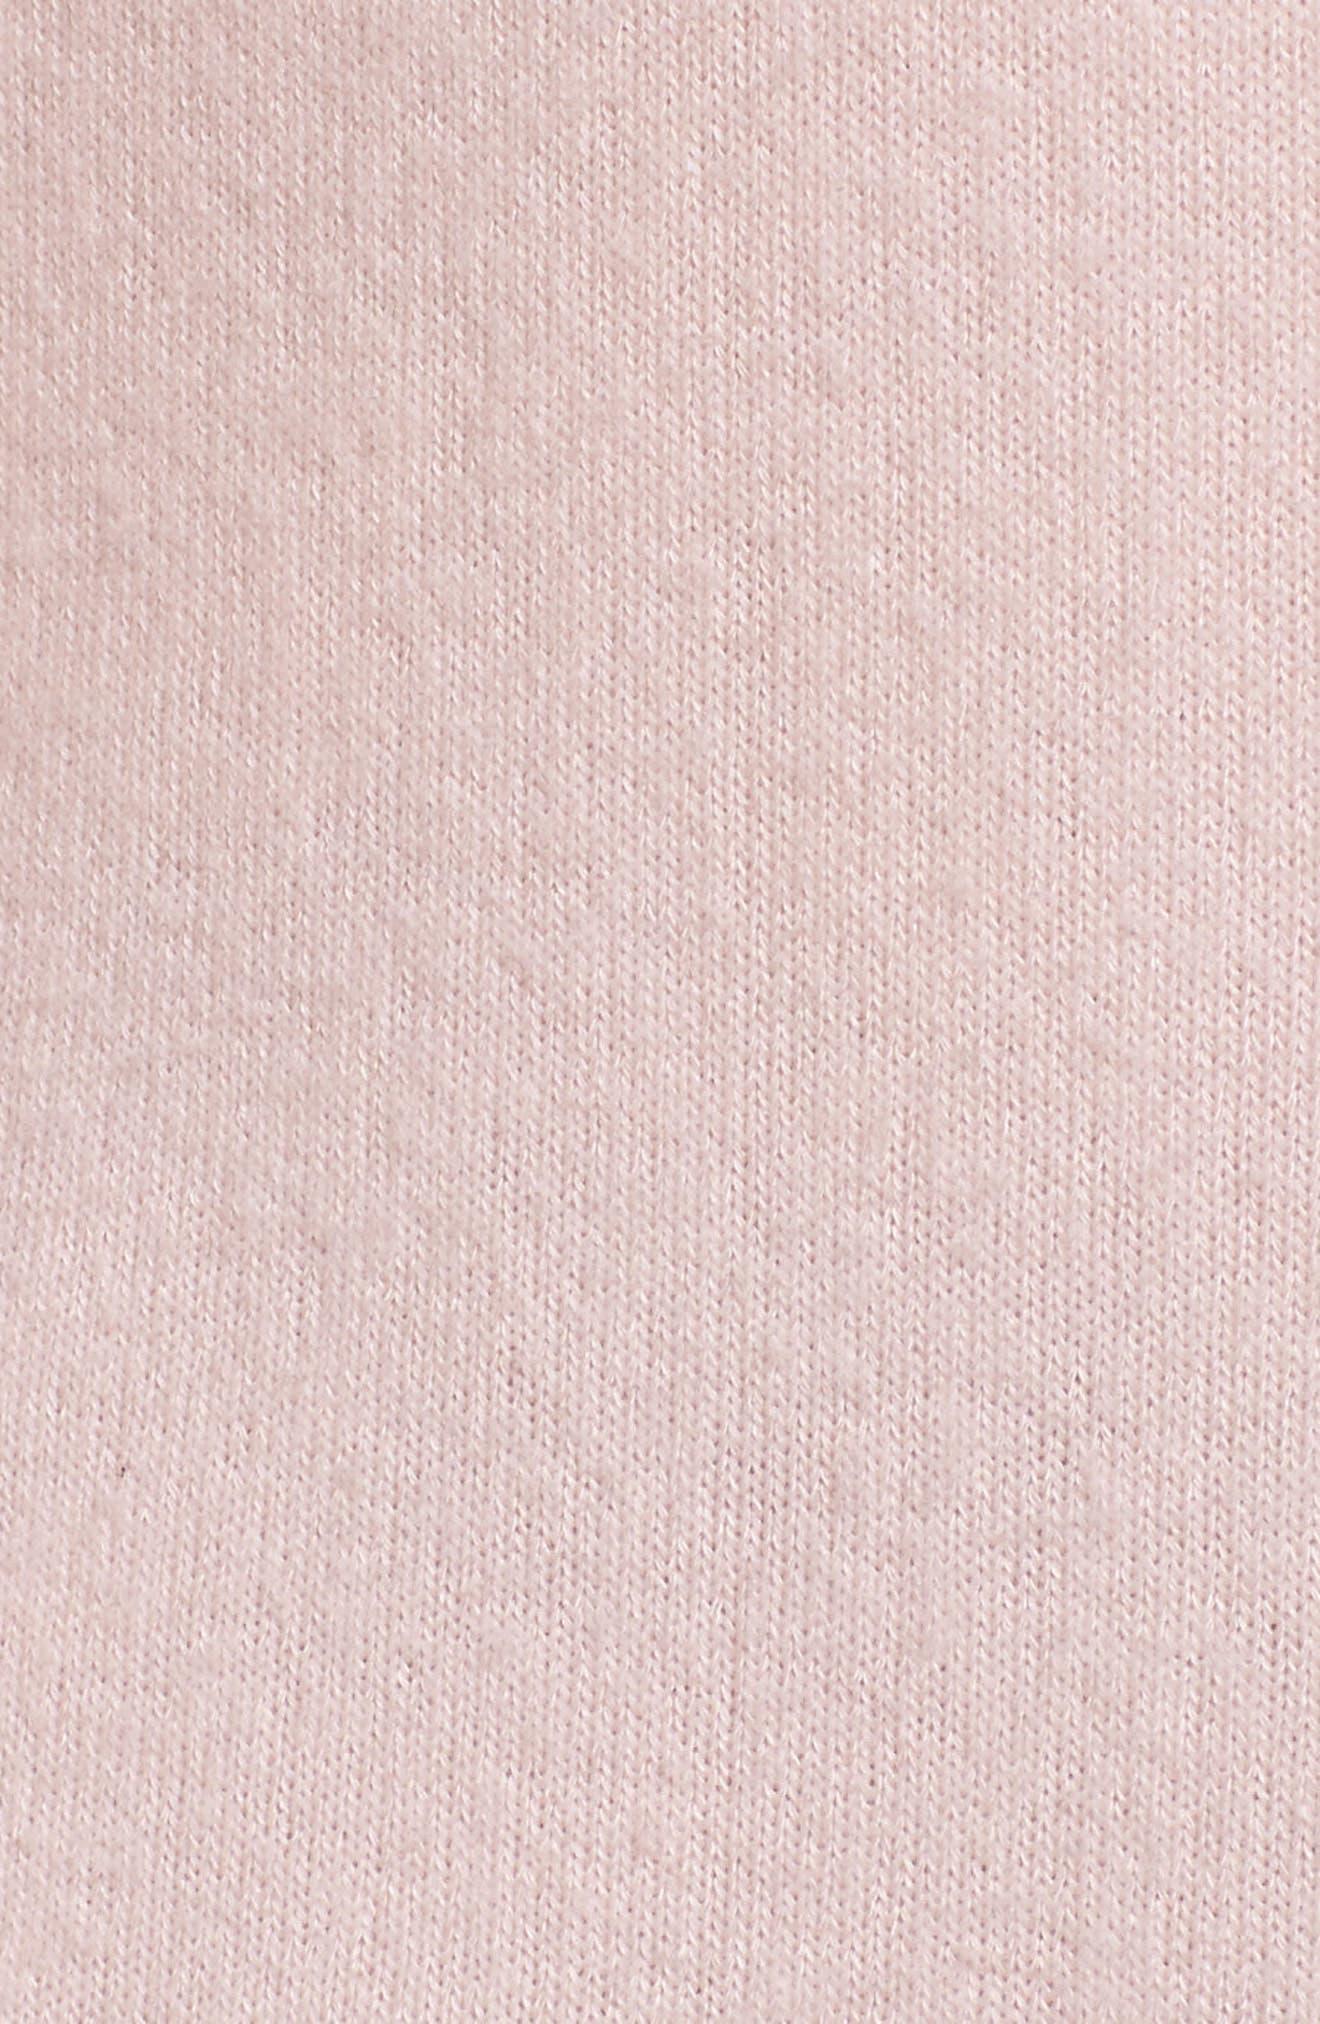 Hacci Cardigan,                             Alternate thumbnail 6, color,                             Lotus Pink